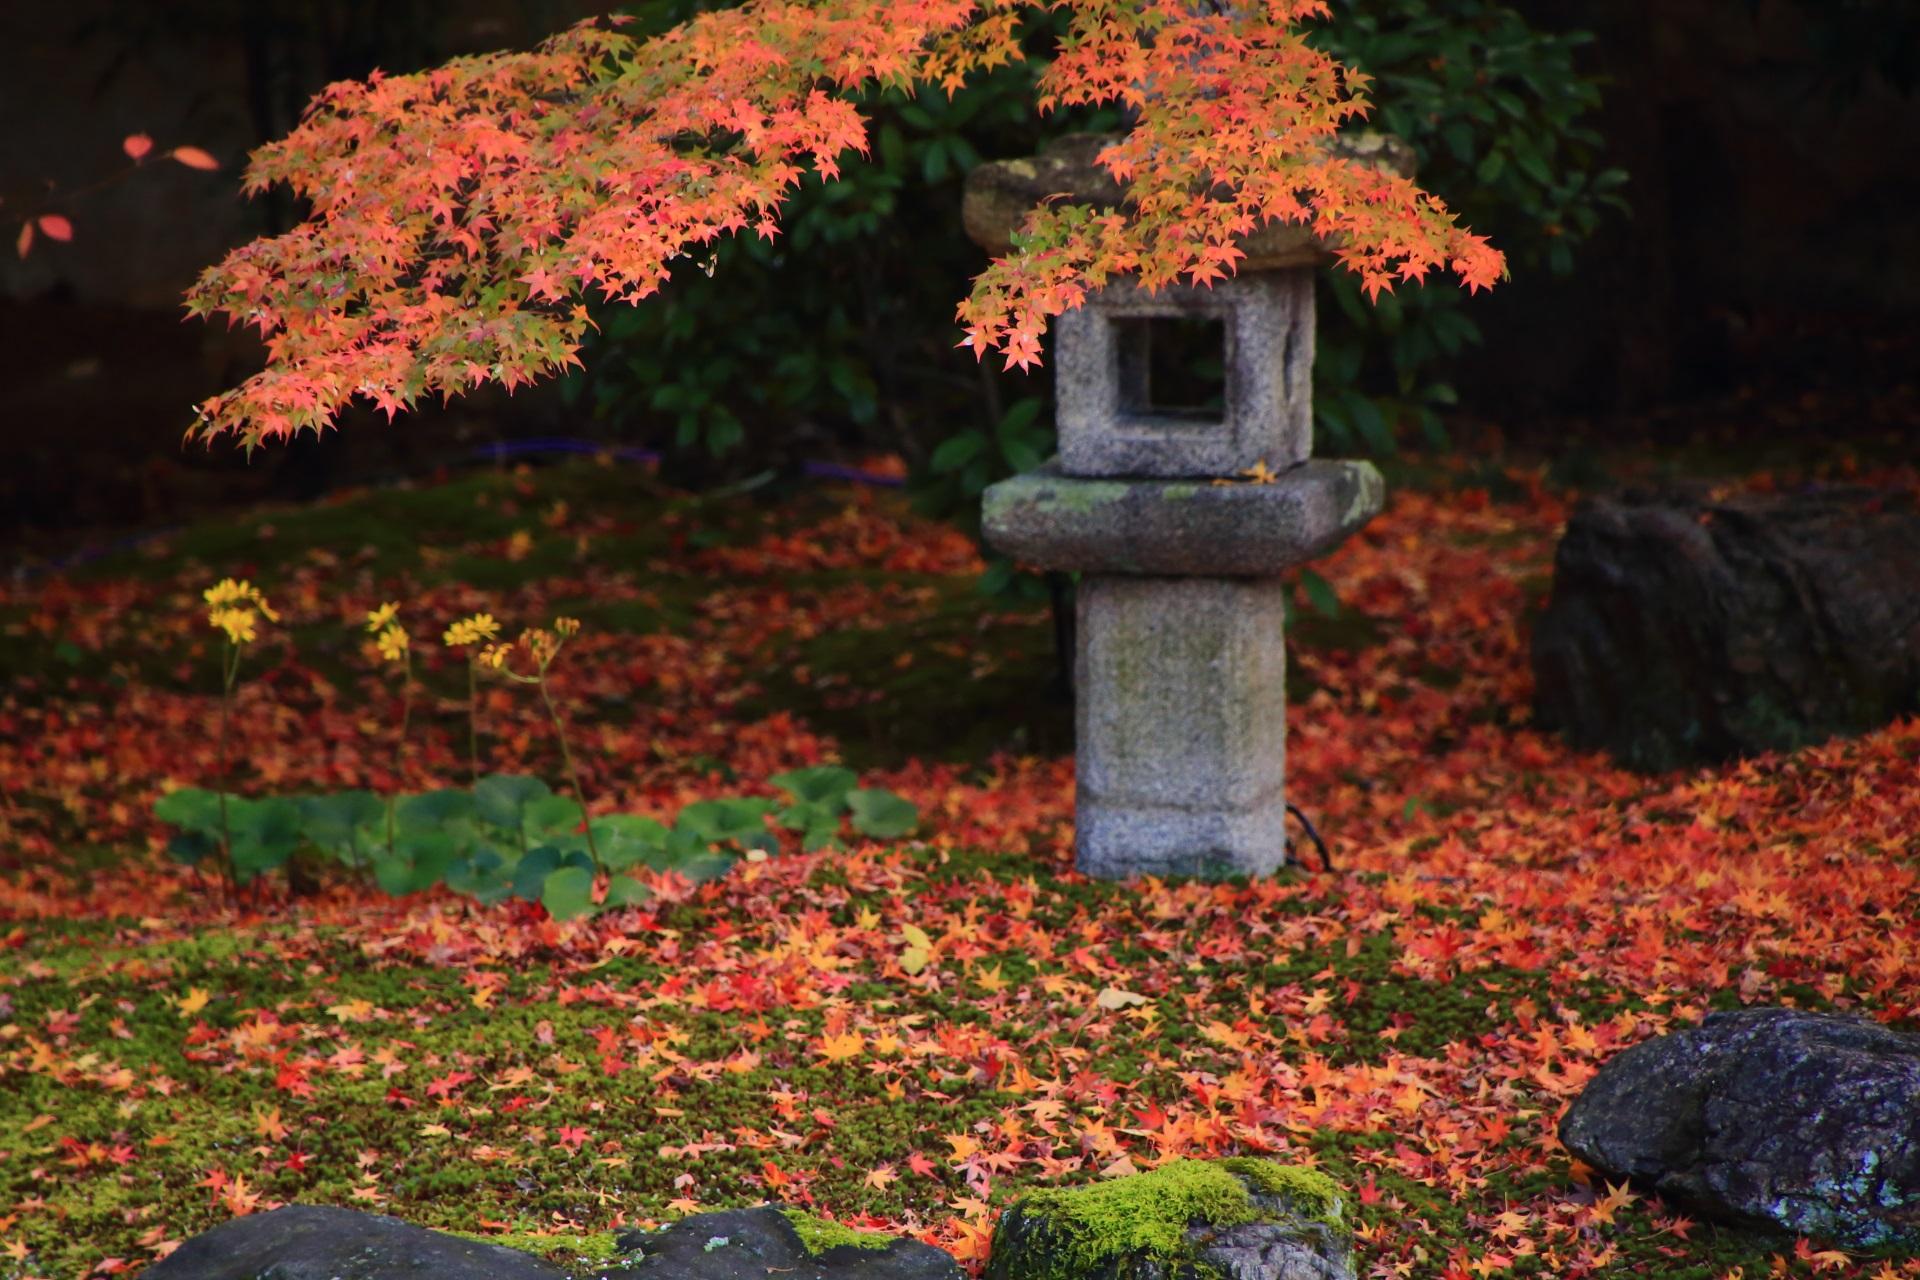 妙顕寺庭園の燈籠を染める紅葉と華やかな散り紅葉